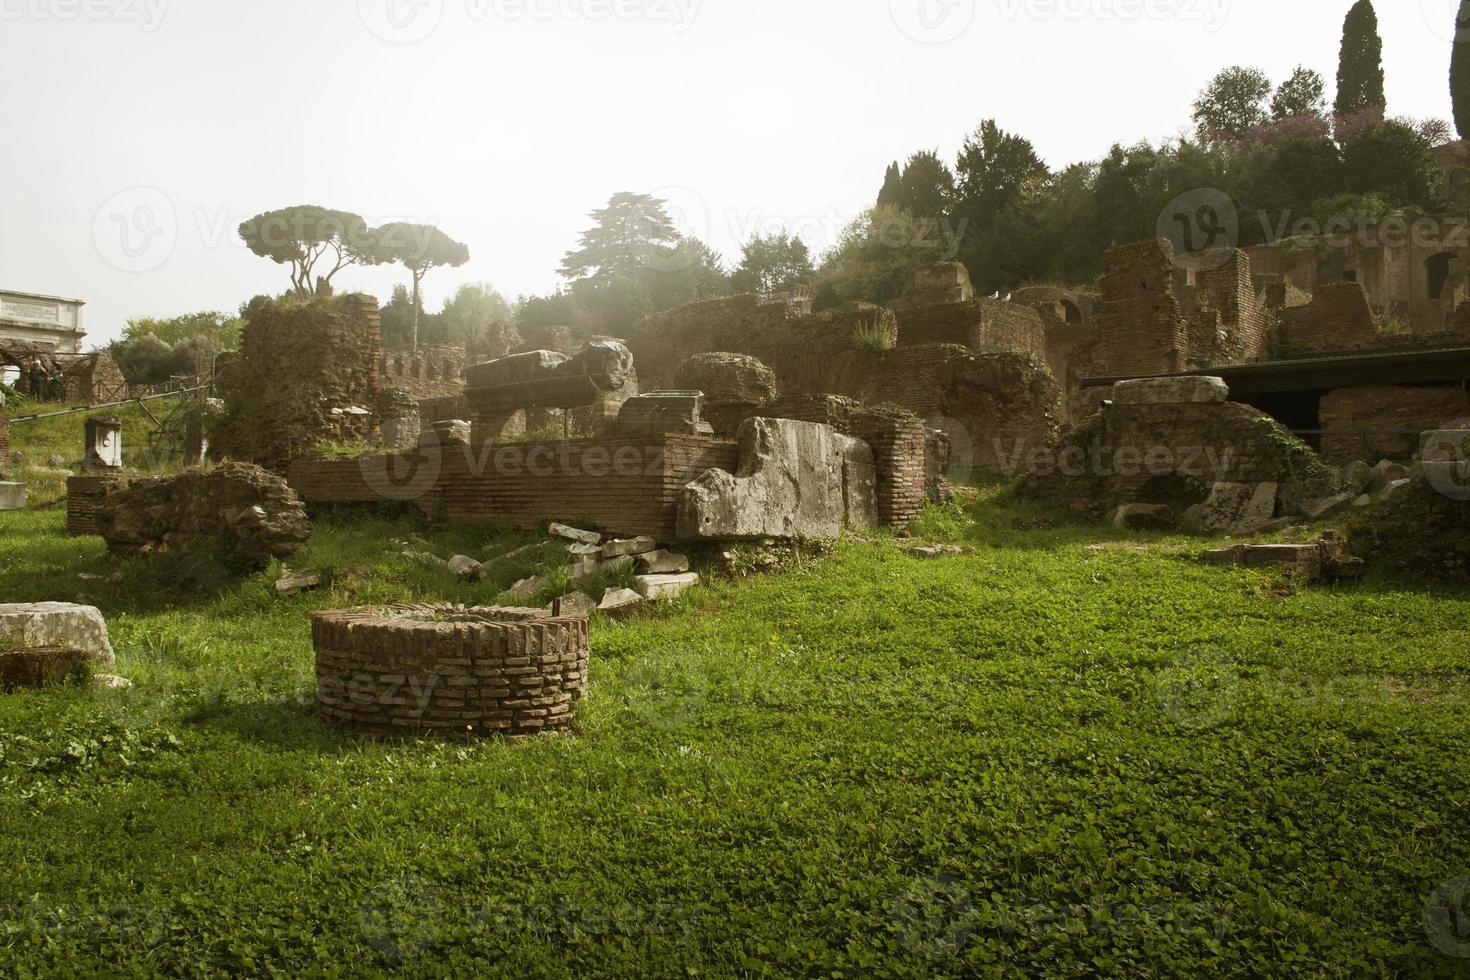 römische Ruinen foto